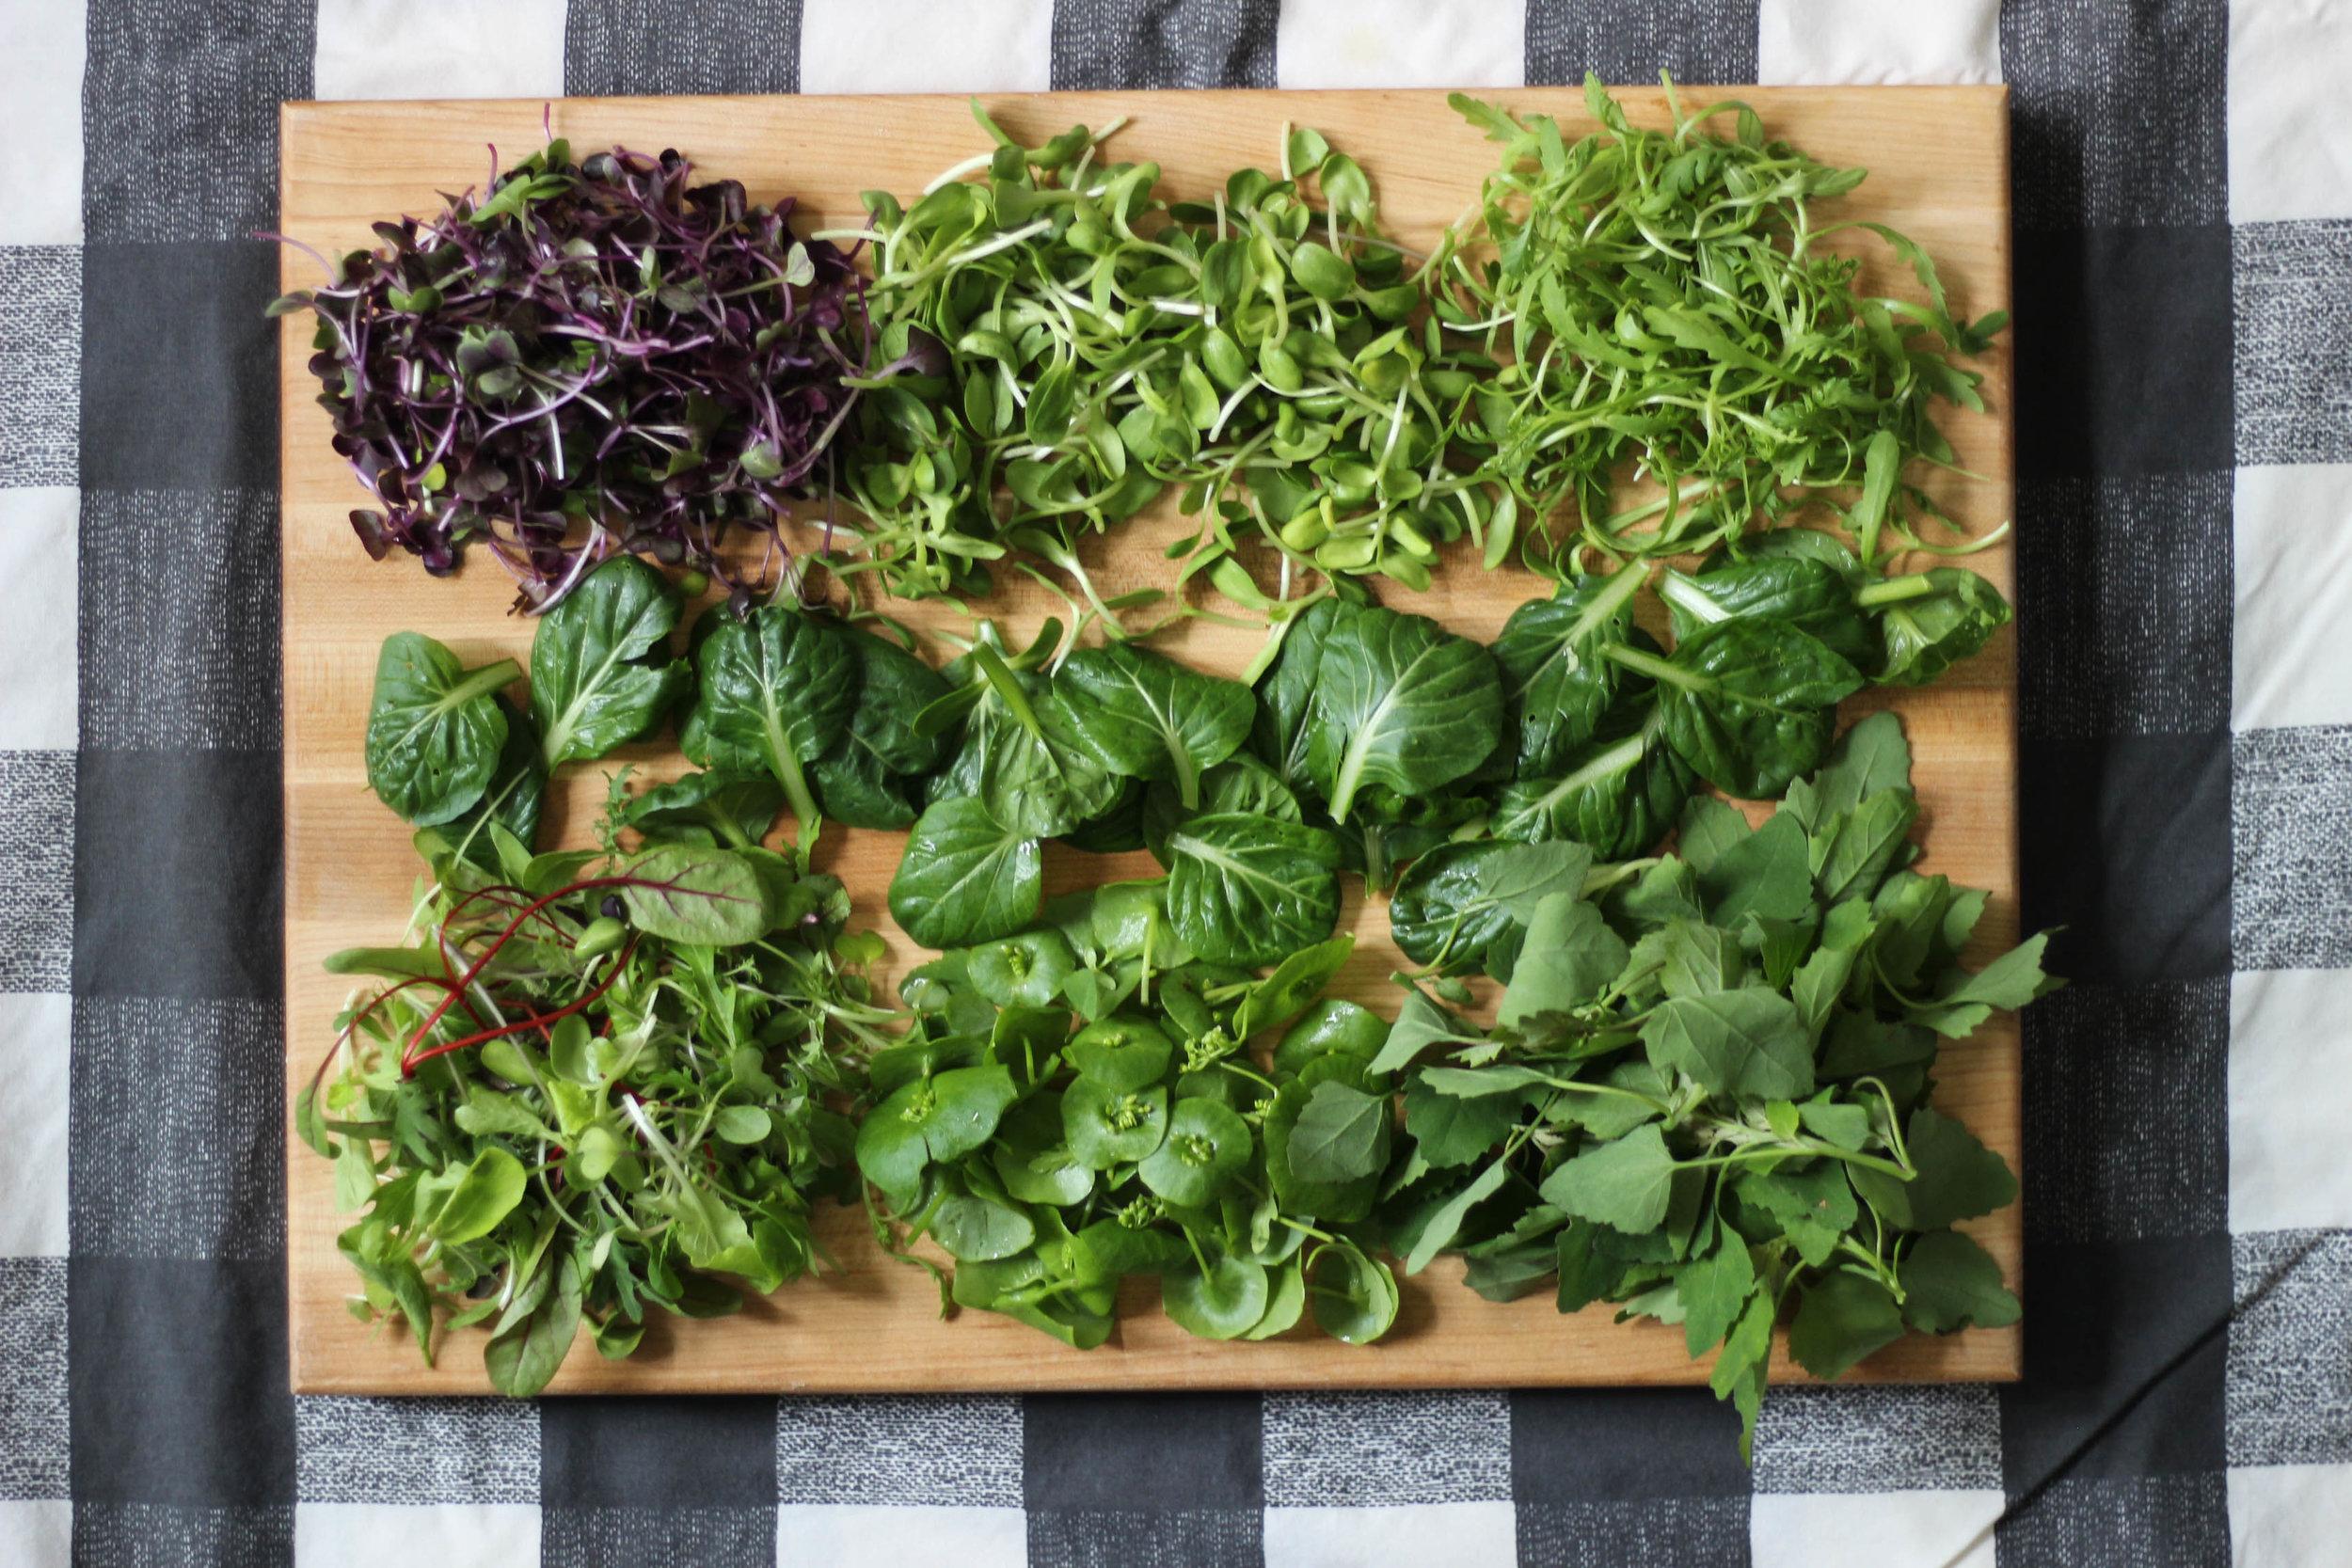 Custom Lettuce Blend - Purple Radish Shoots, Sunflower Shoots, Micro Chrysanthemum, Tatsoi, Micro Mesclun, Miner's Lettuce, Lamb's Quarters